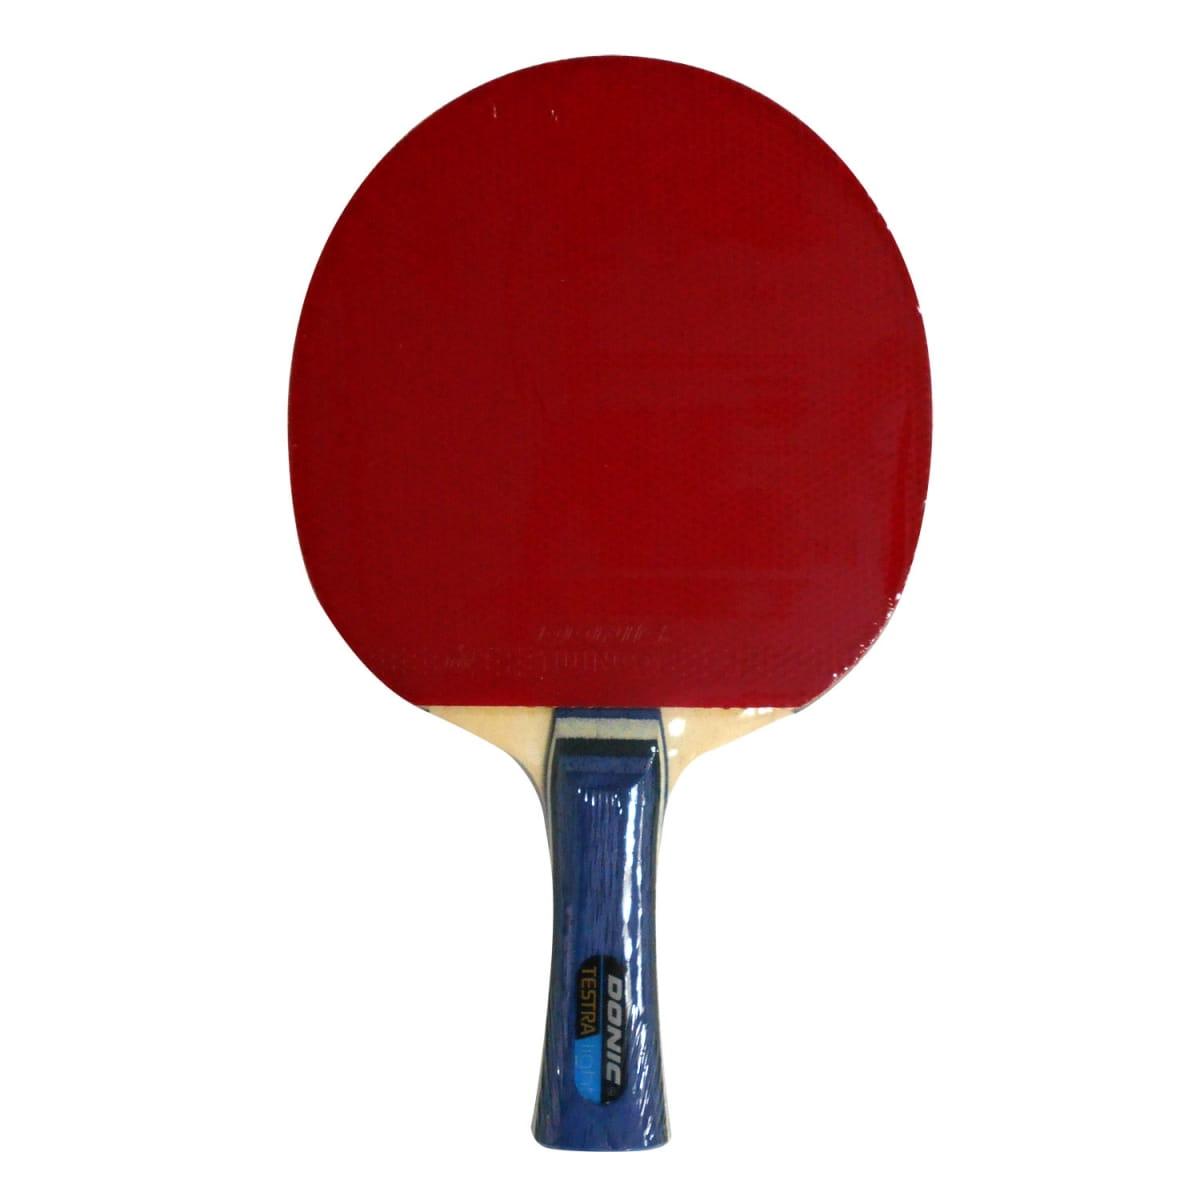 Ракетка для настольного тенниса Donic 200201 Testra Light